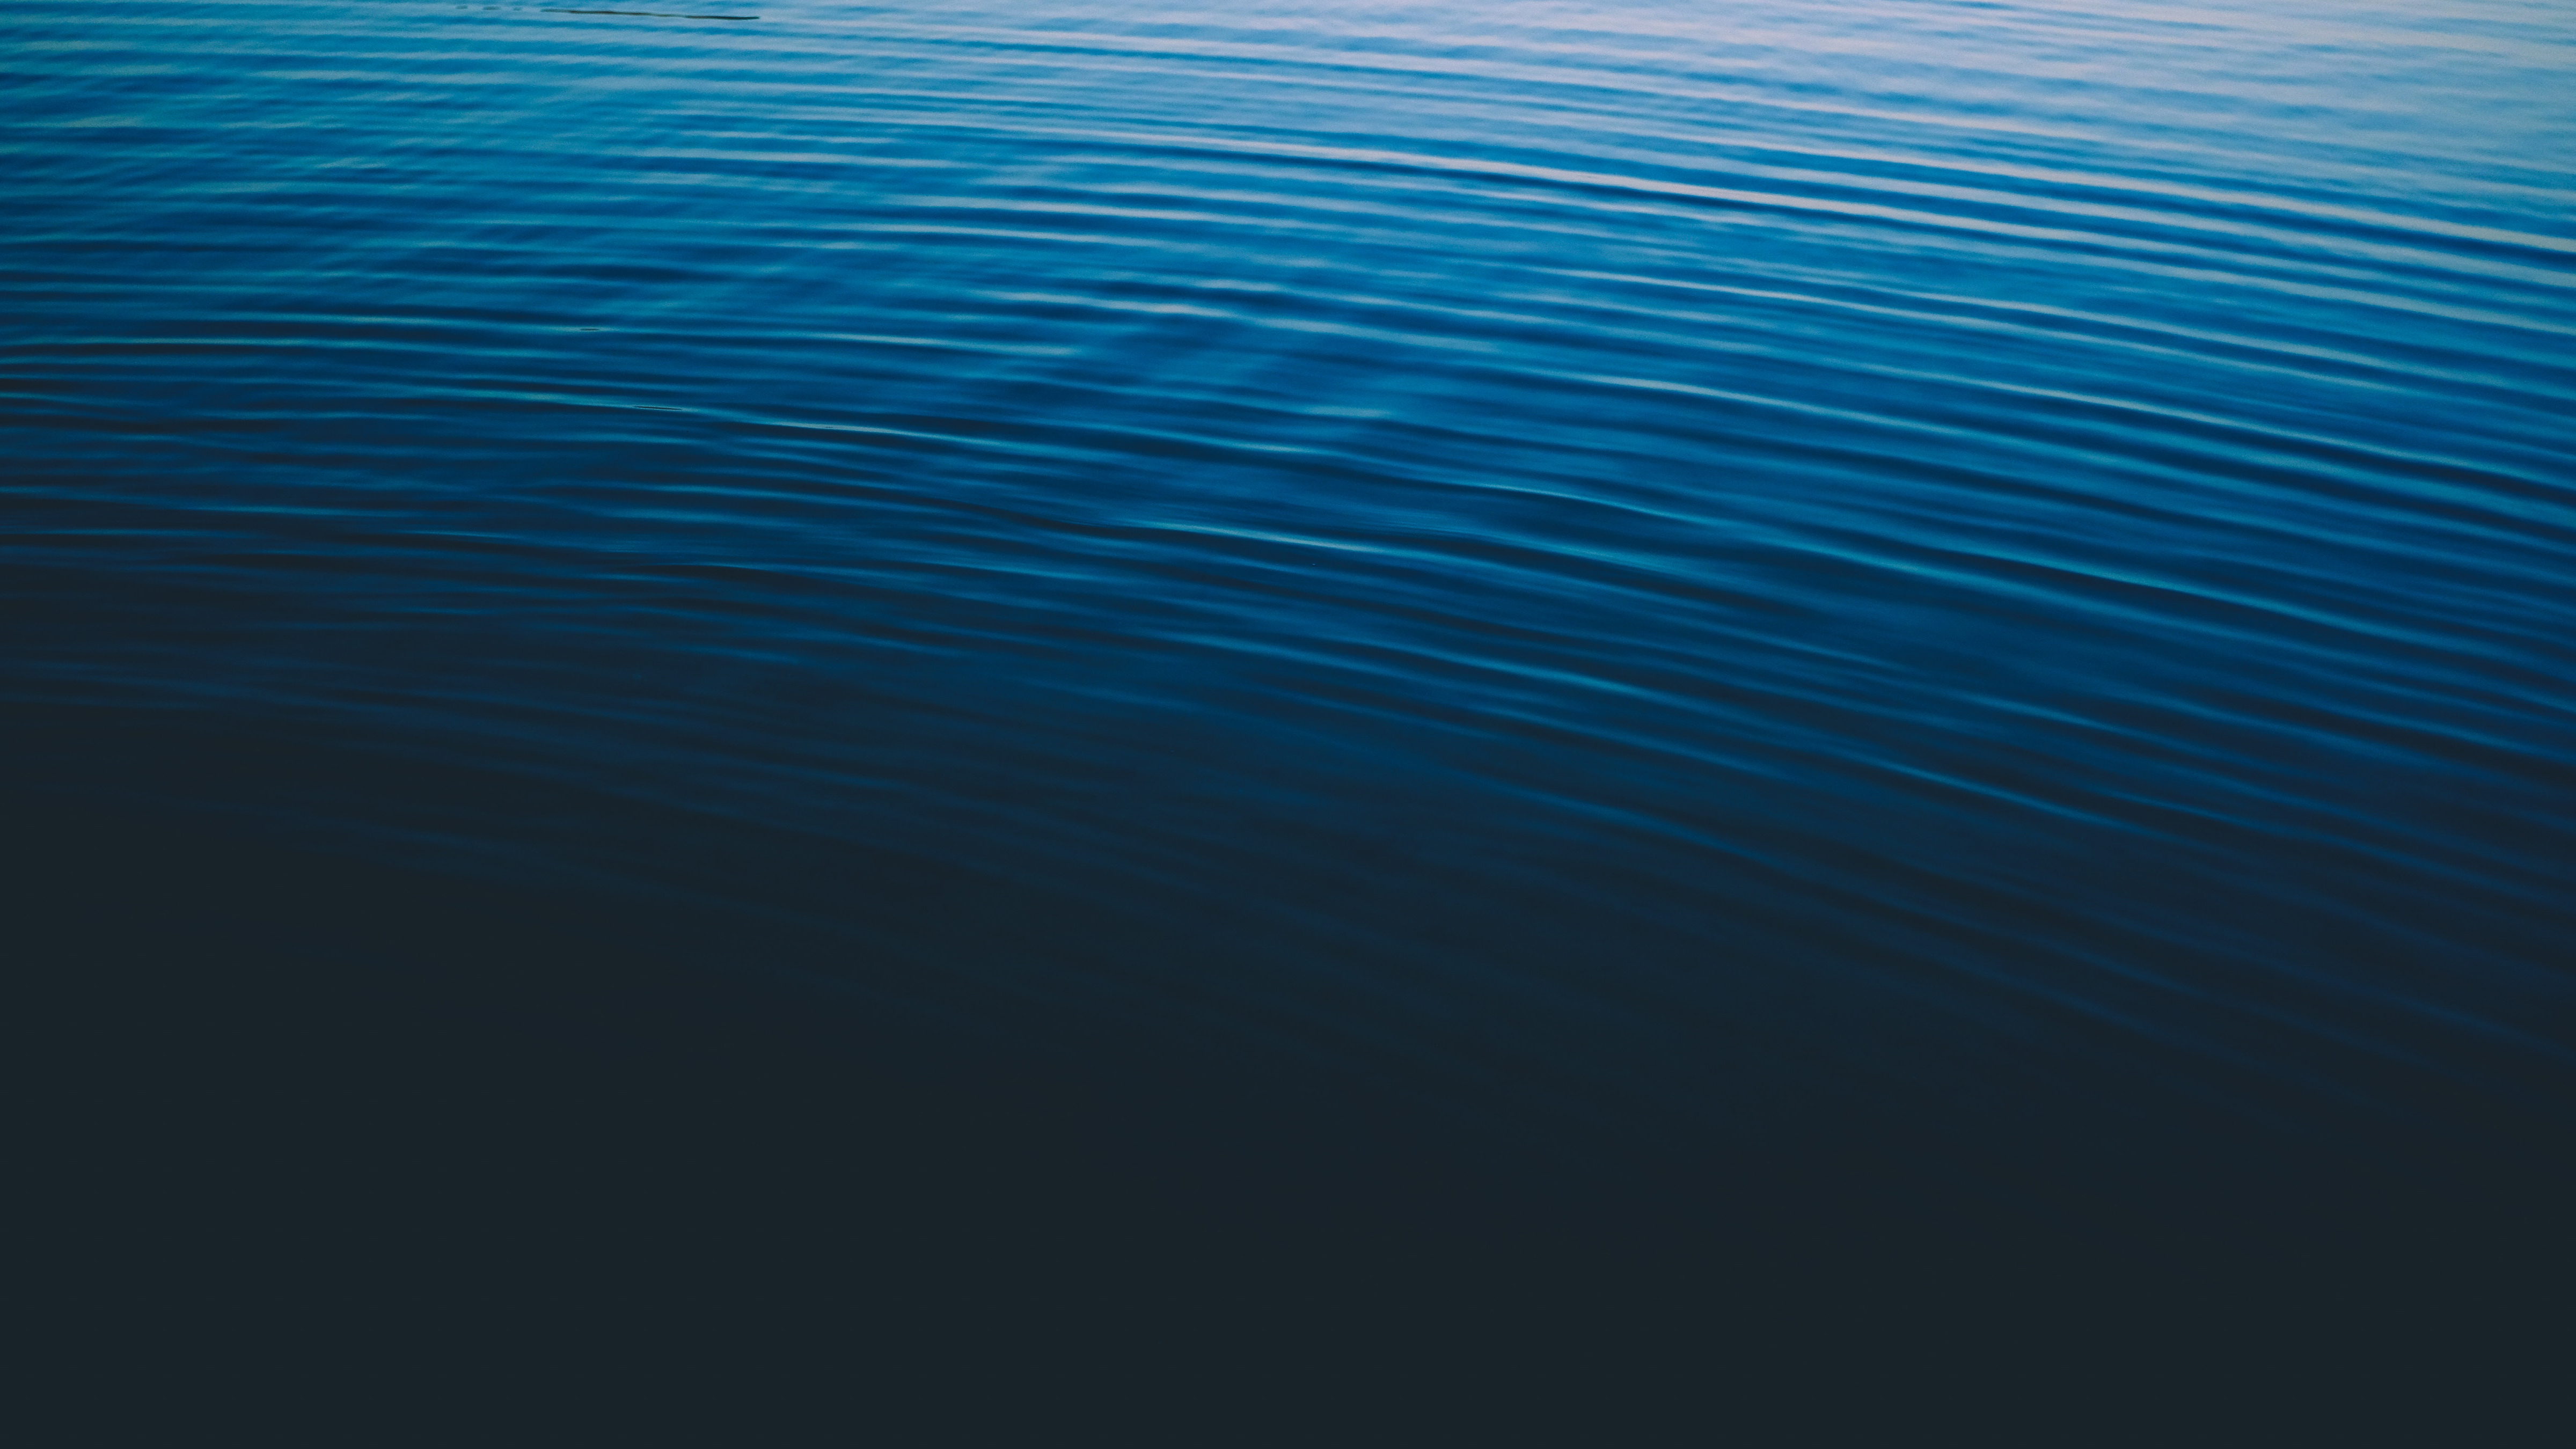 Поверхность воды обои скачать